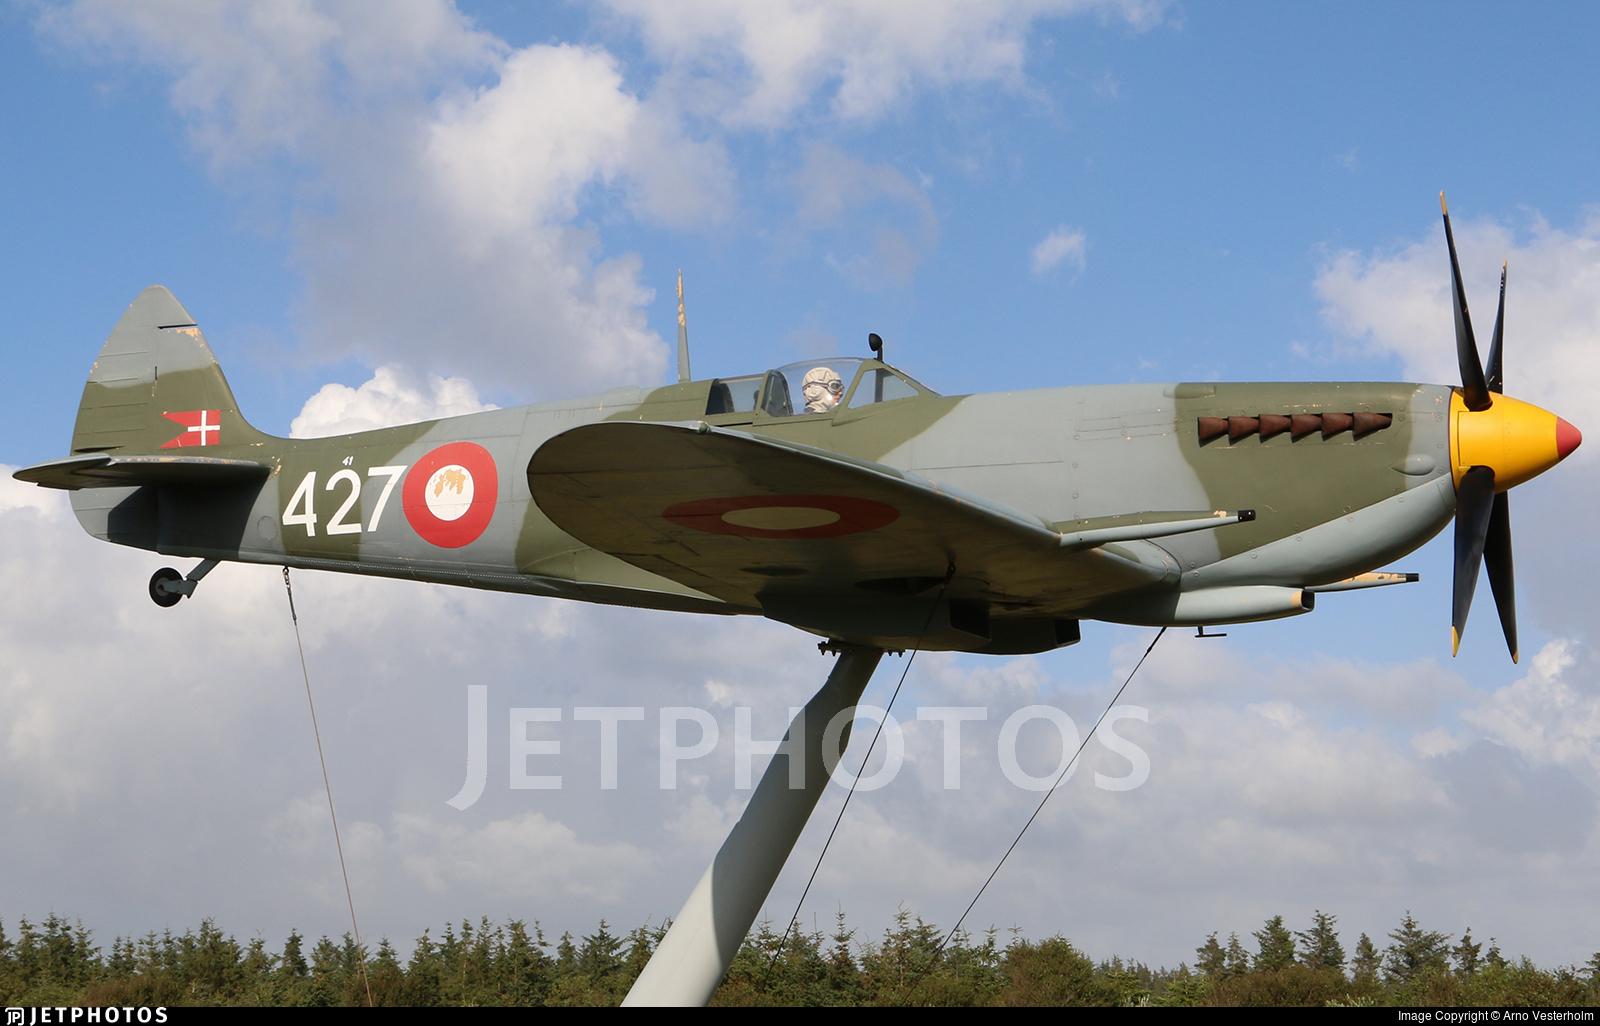 41-427 - Supermarine Spitfire Mk.IX - Denmark - Air Force